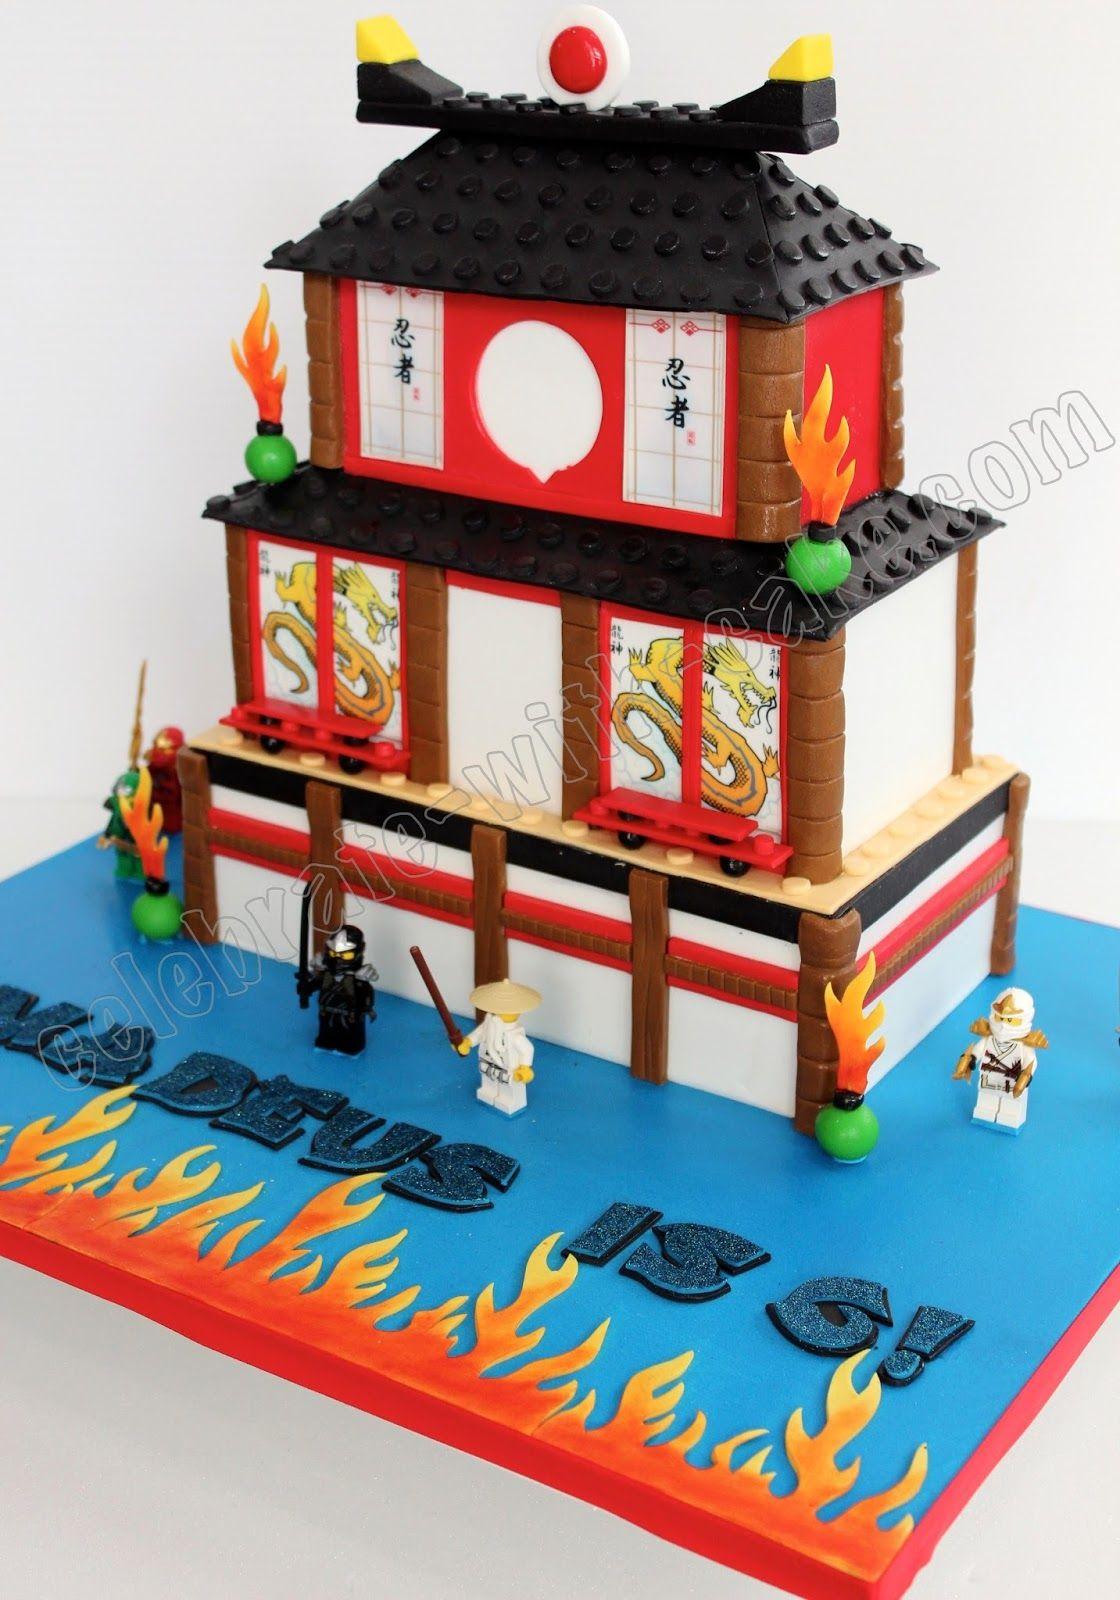 lego design cake singapore a blog about customized cakes in singapore  Lego ninjago kuchen